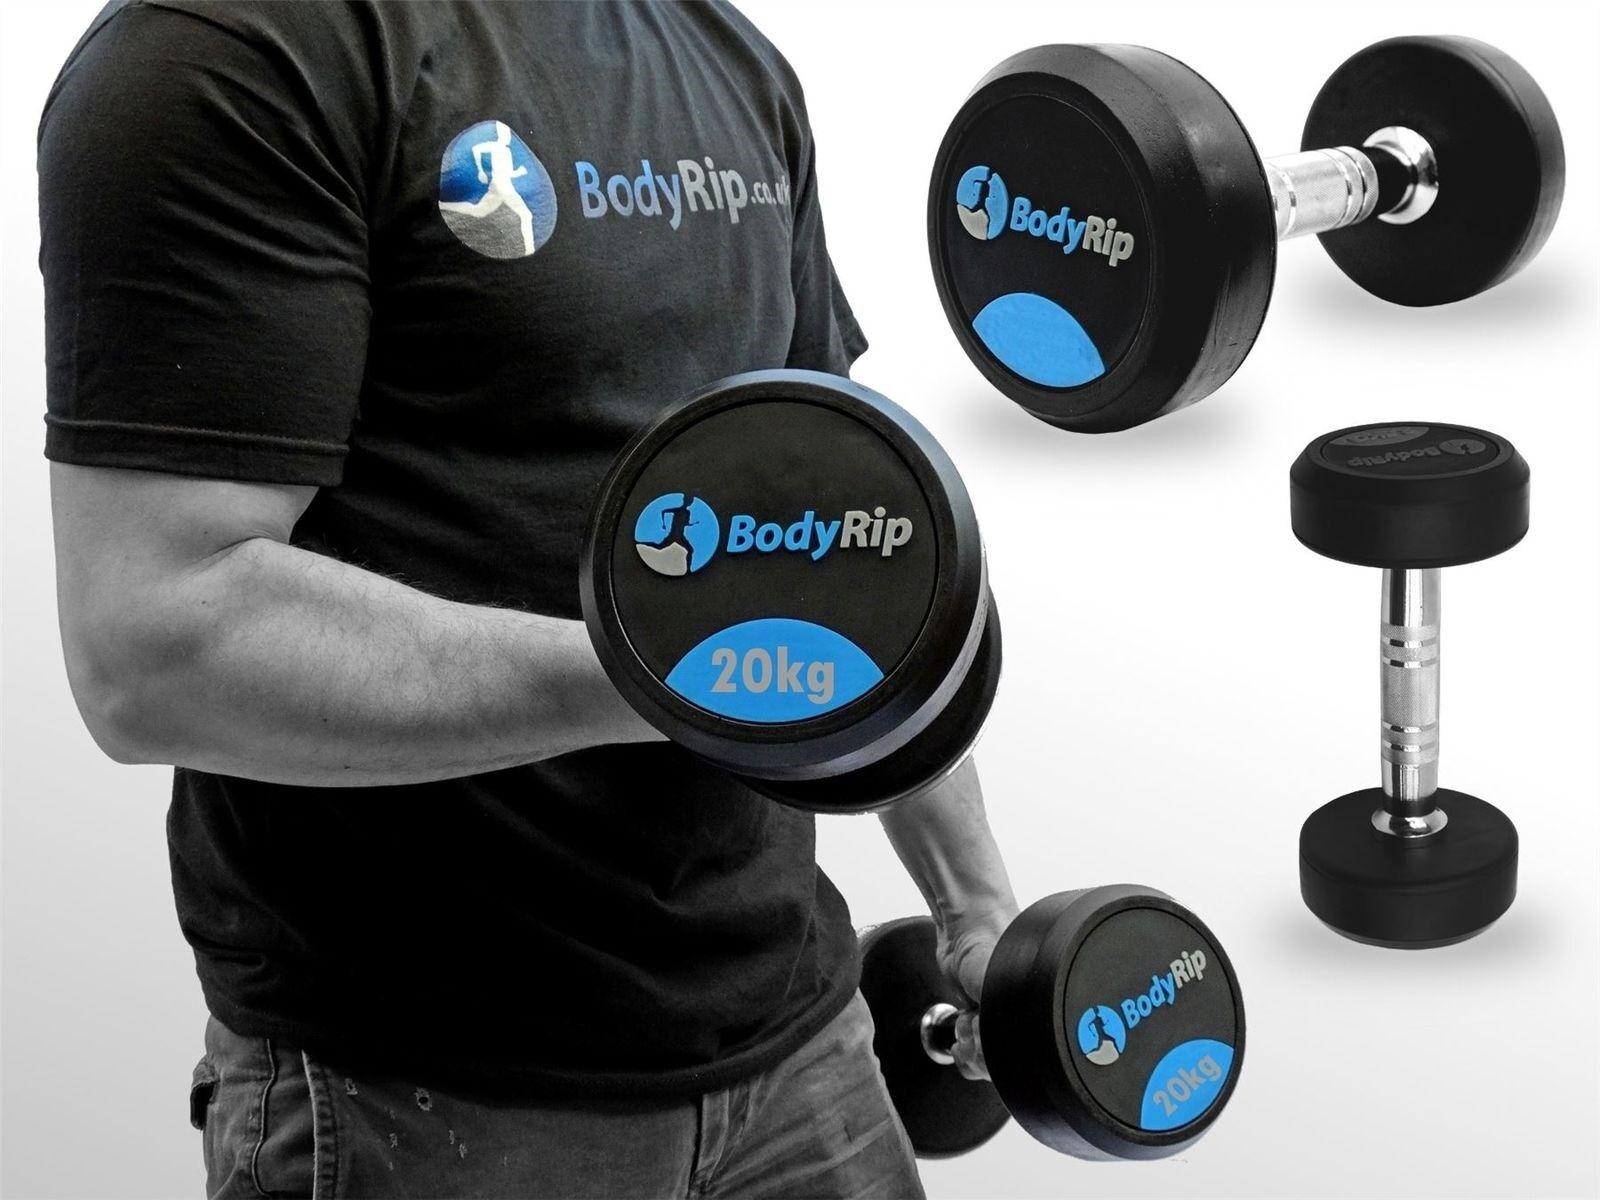 Bodyrip Premium pro Fisse Peso Manubri Paio Set  2 x 20kg